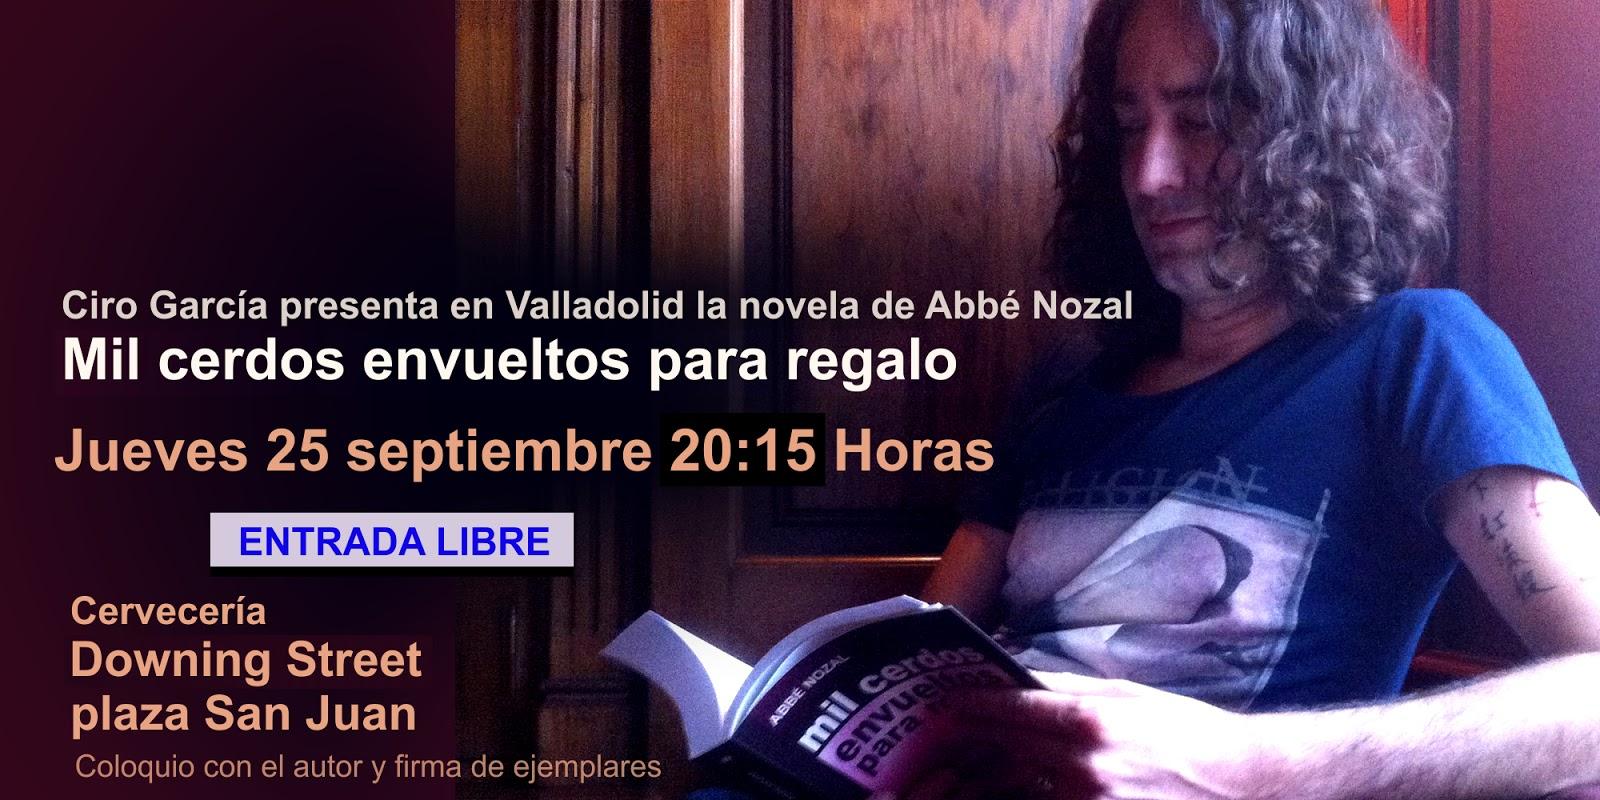 """Presentación de la novela """"Mil cerdos"""" en Valladolid, 2014 Abbé Nozal"""